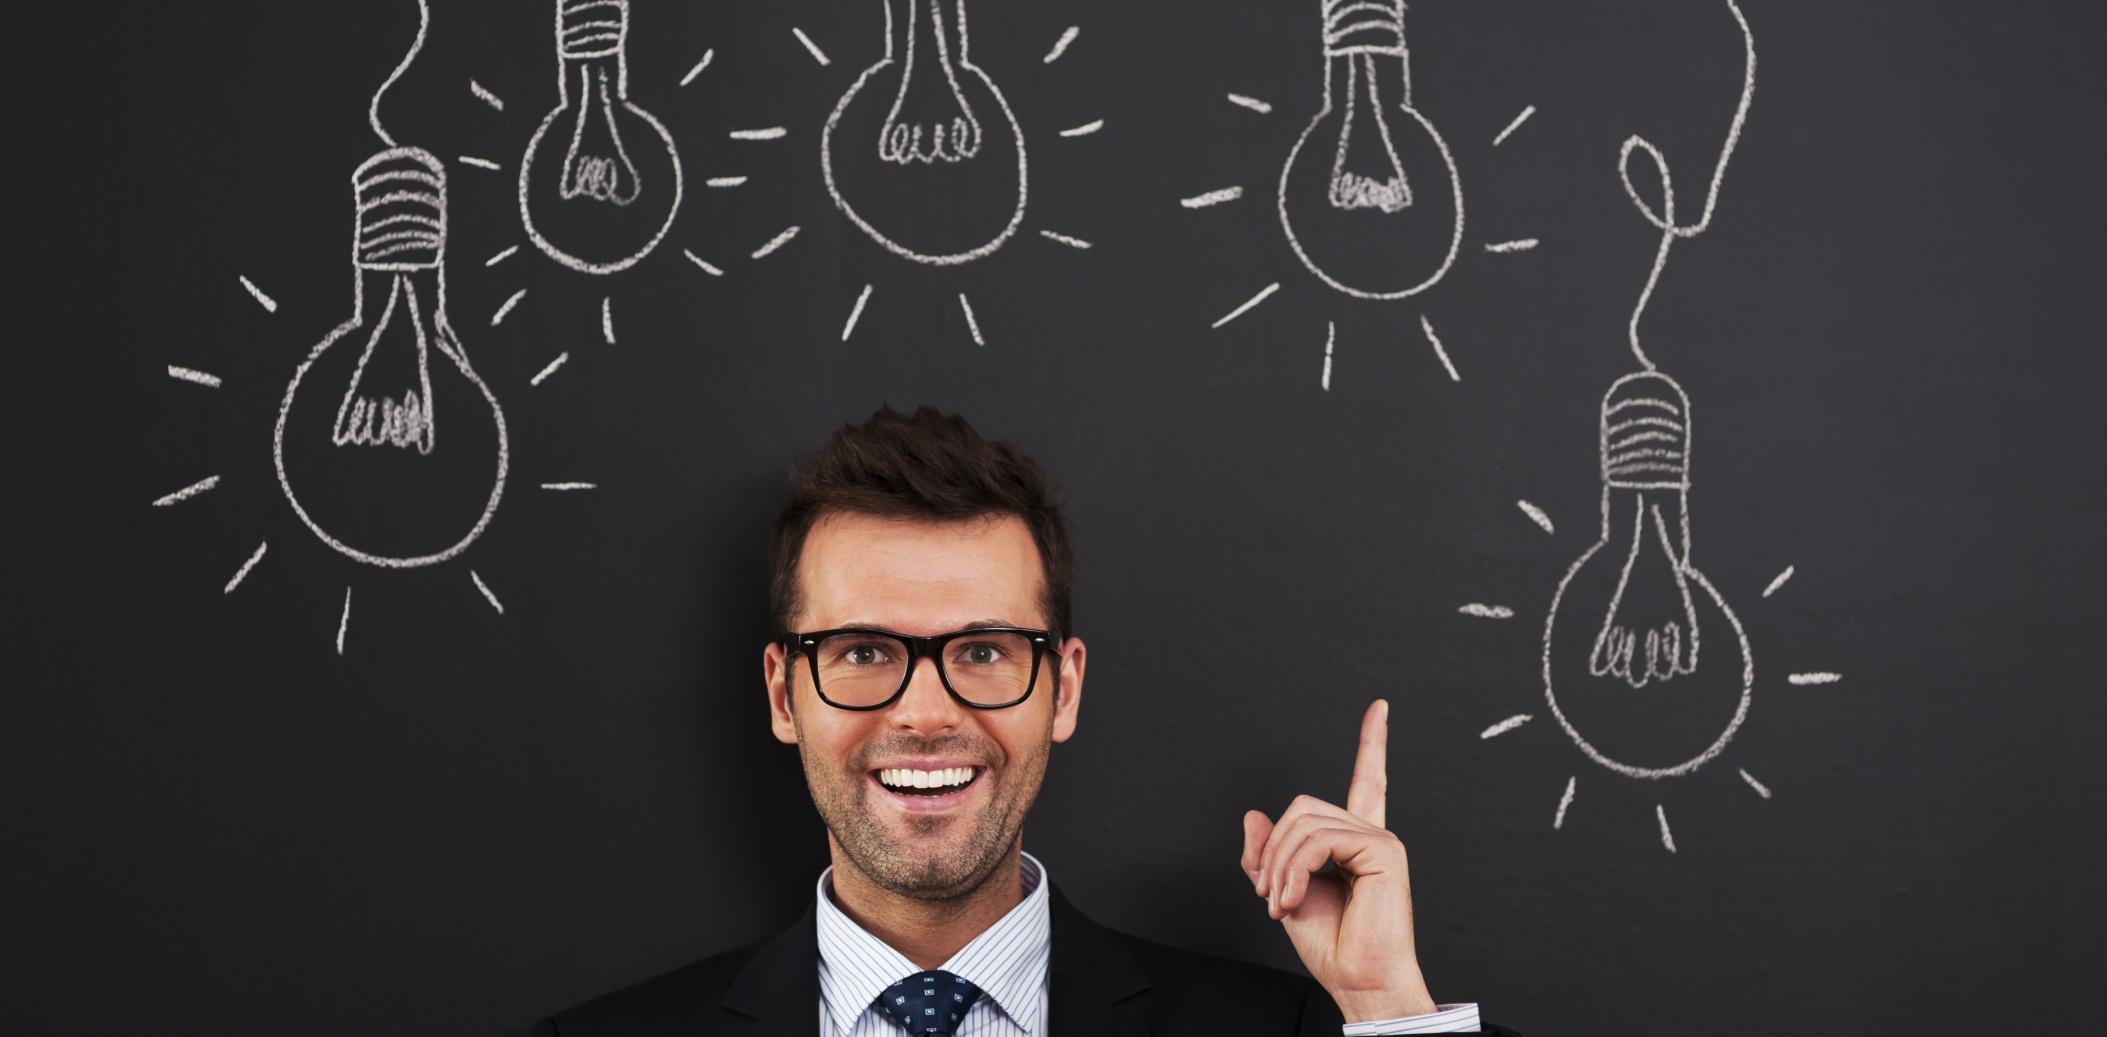 50 cách giúp bạn và đồng nghiệp sáng tạo hơn trong công việc - VMIT - Sinh  Trắc Dấu Vân Tay